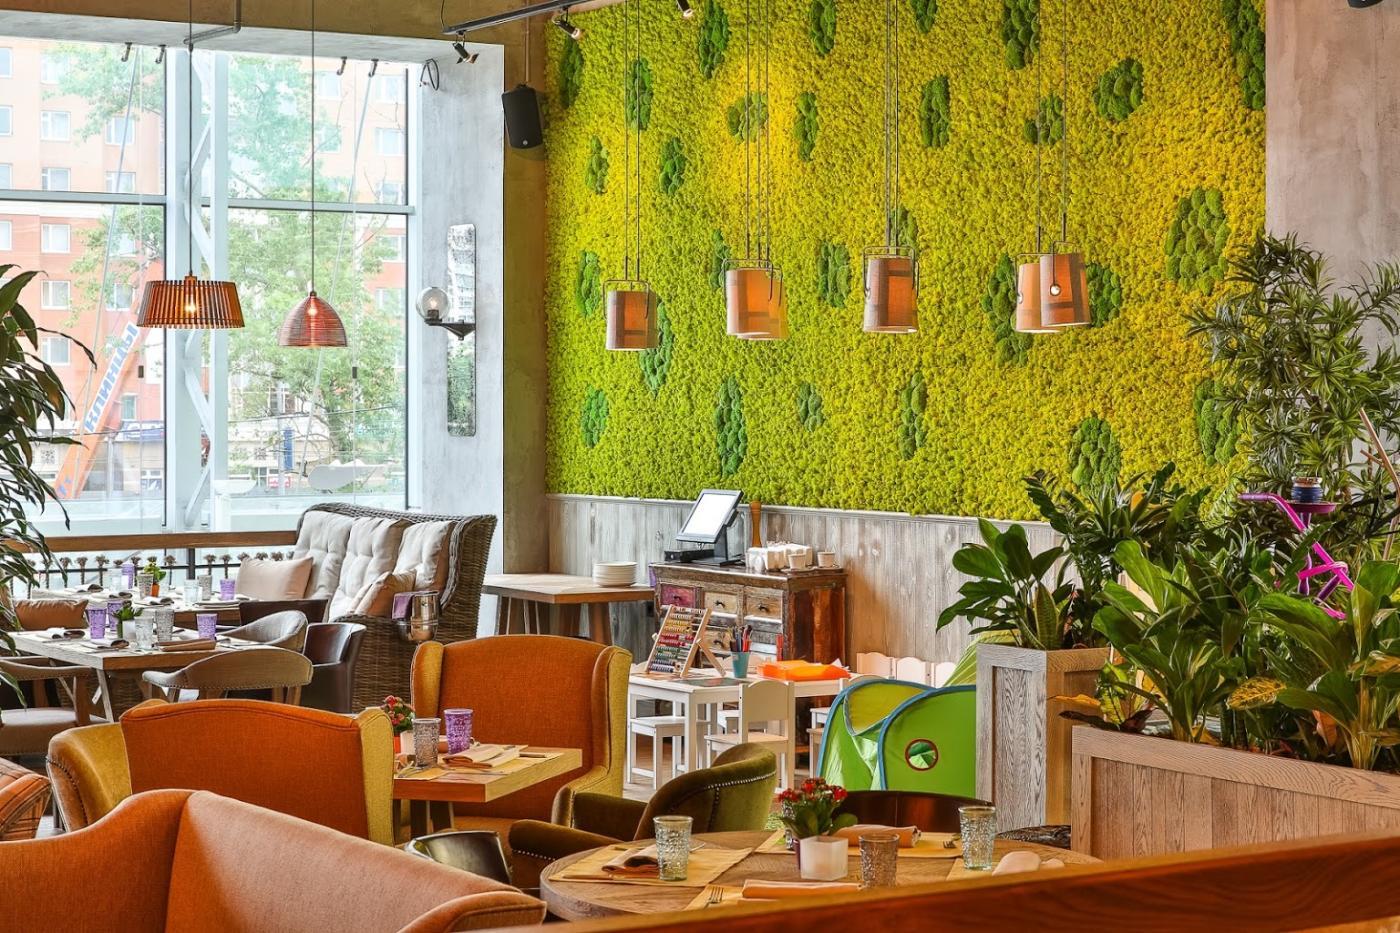 Ресторан Кин Дза Дза на Мичуринском проспекте (Кинза-Дза) фото